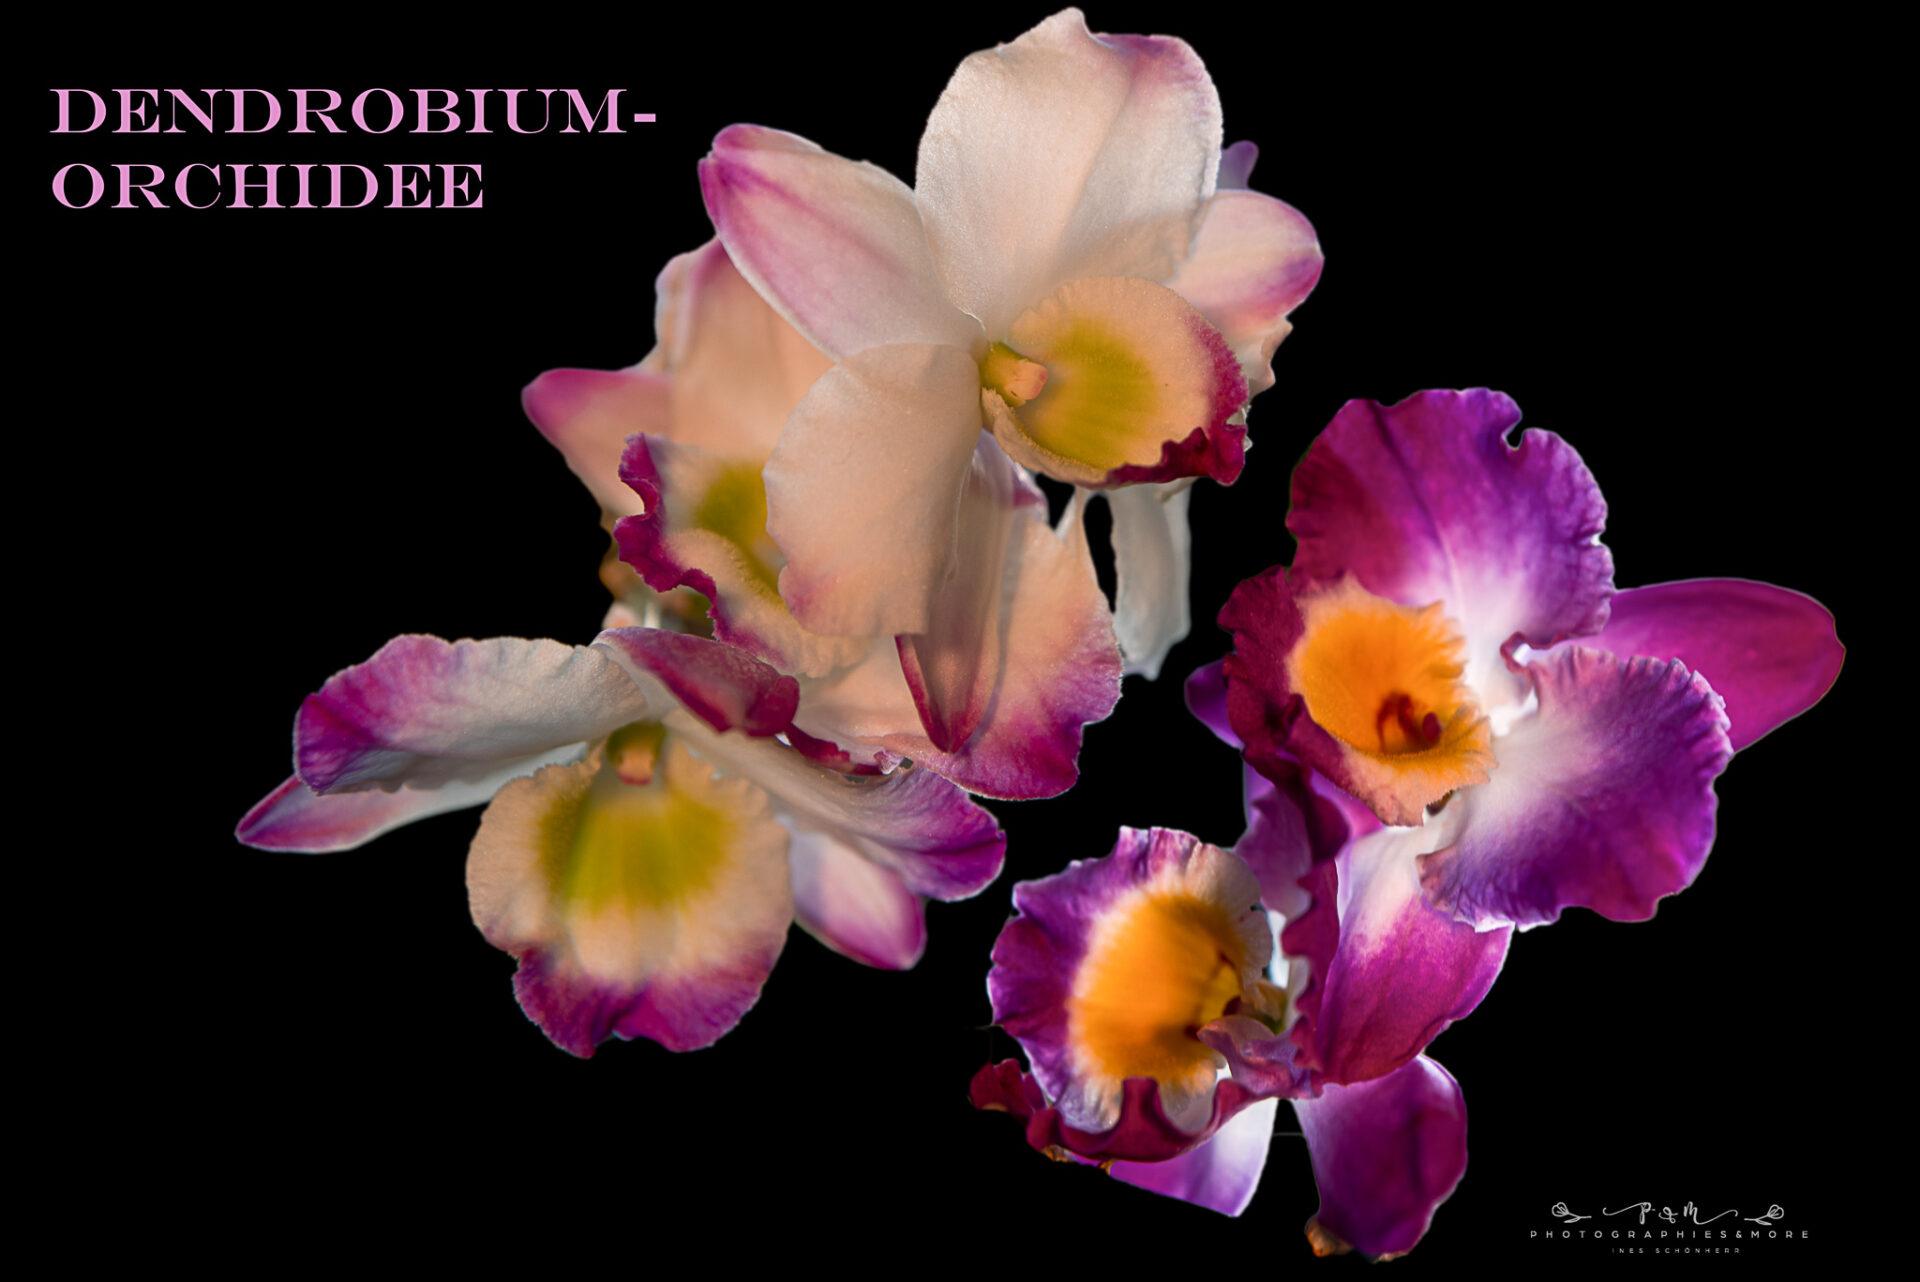 IMGP5268-Dendrobium-Orchidee